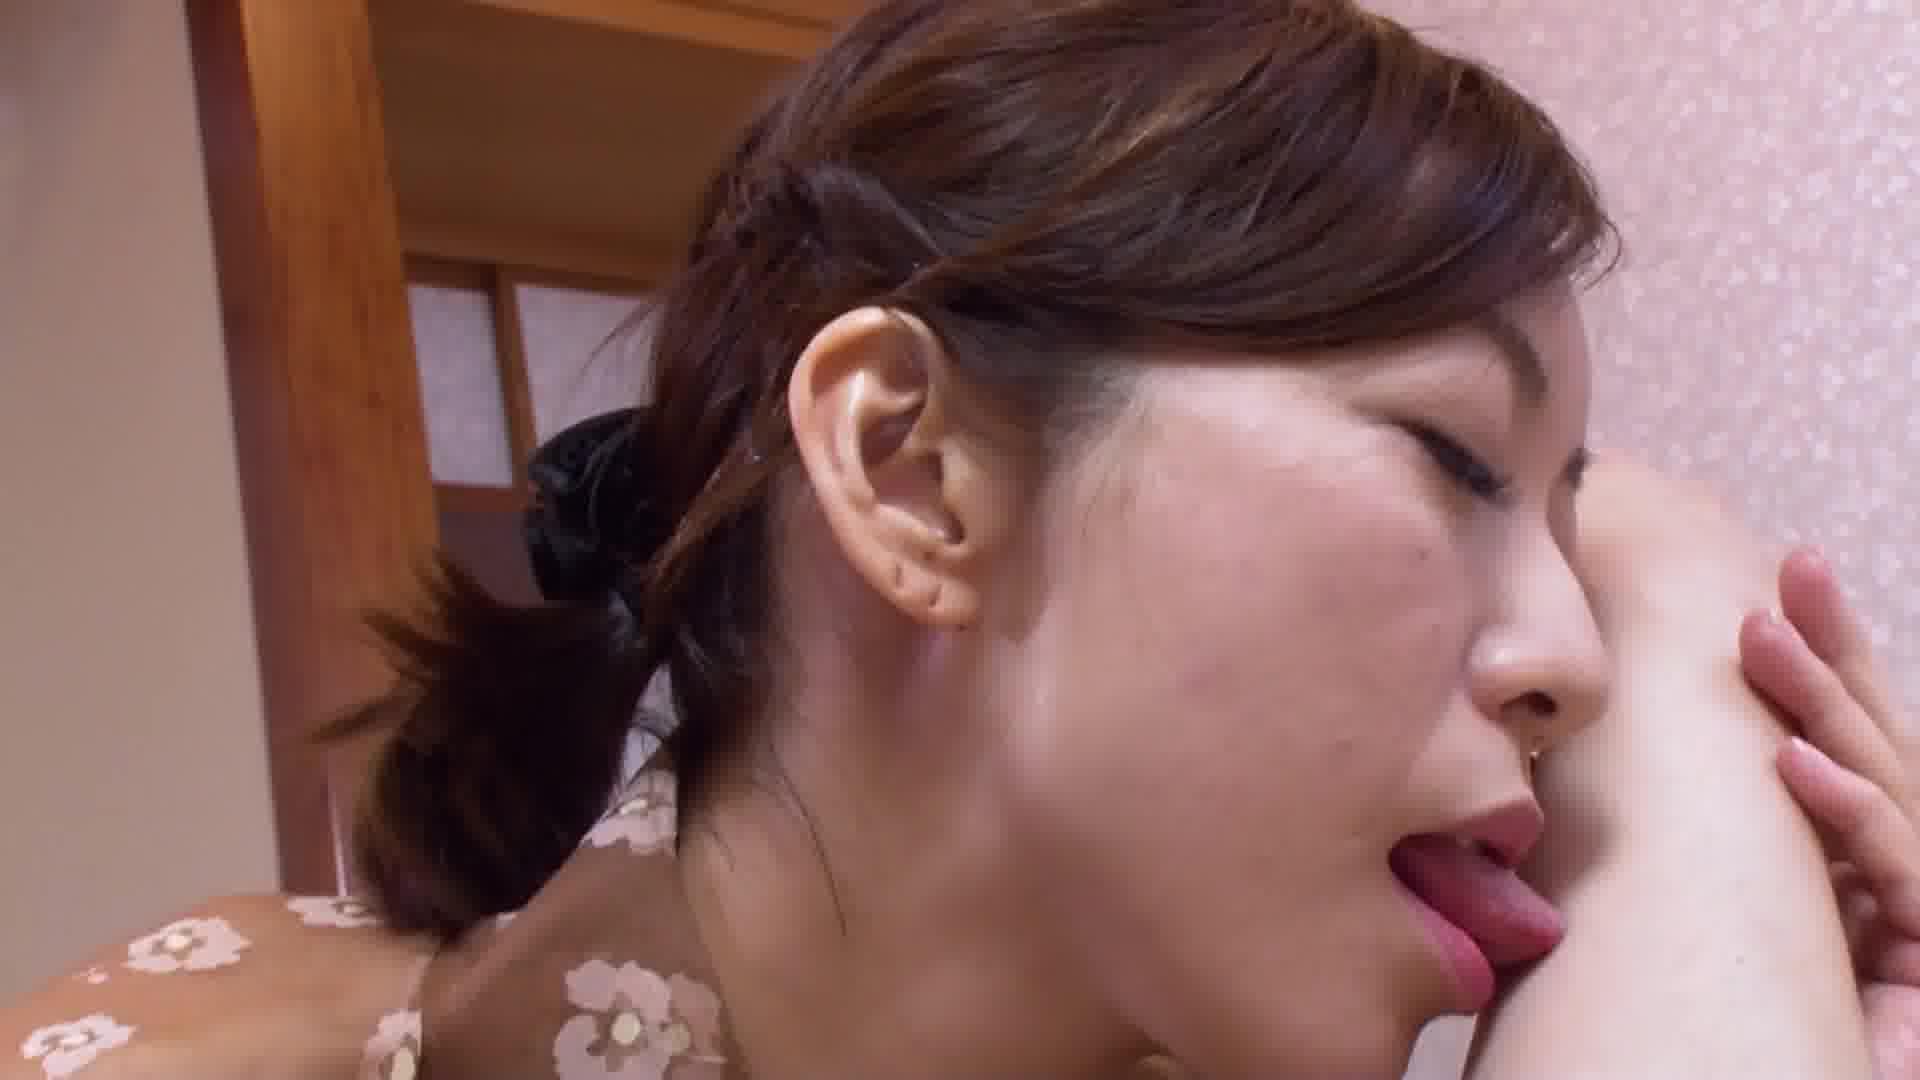 洗練された大人のいやし亭 ~絶倫女将がゲスエロご奉仕致します~ - HITOMI【着物・スレンダー・中出し】